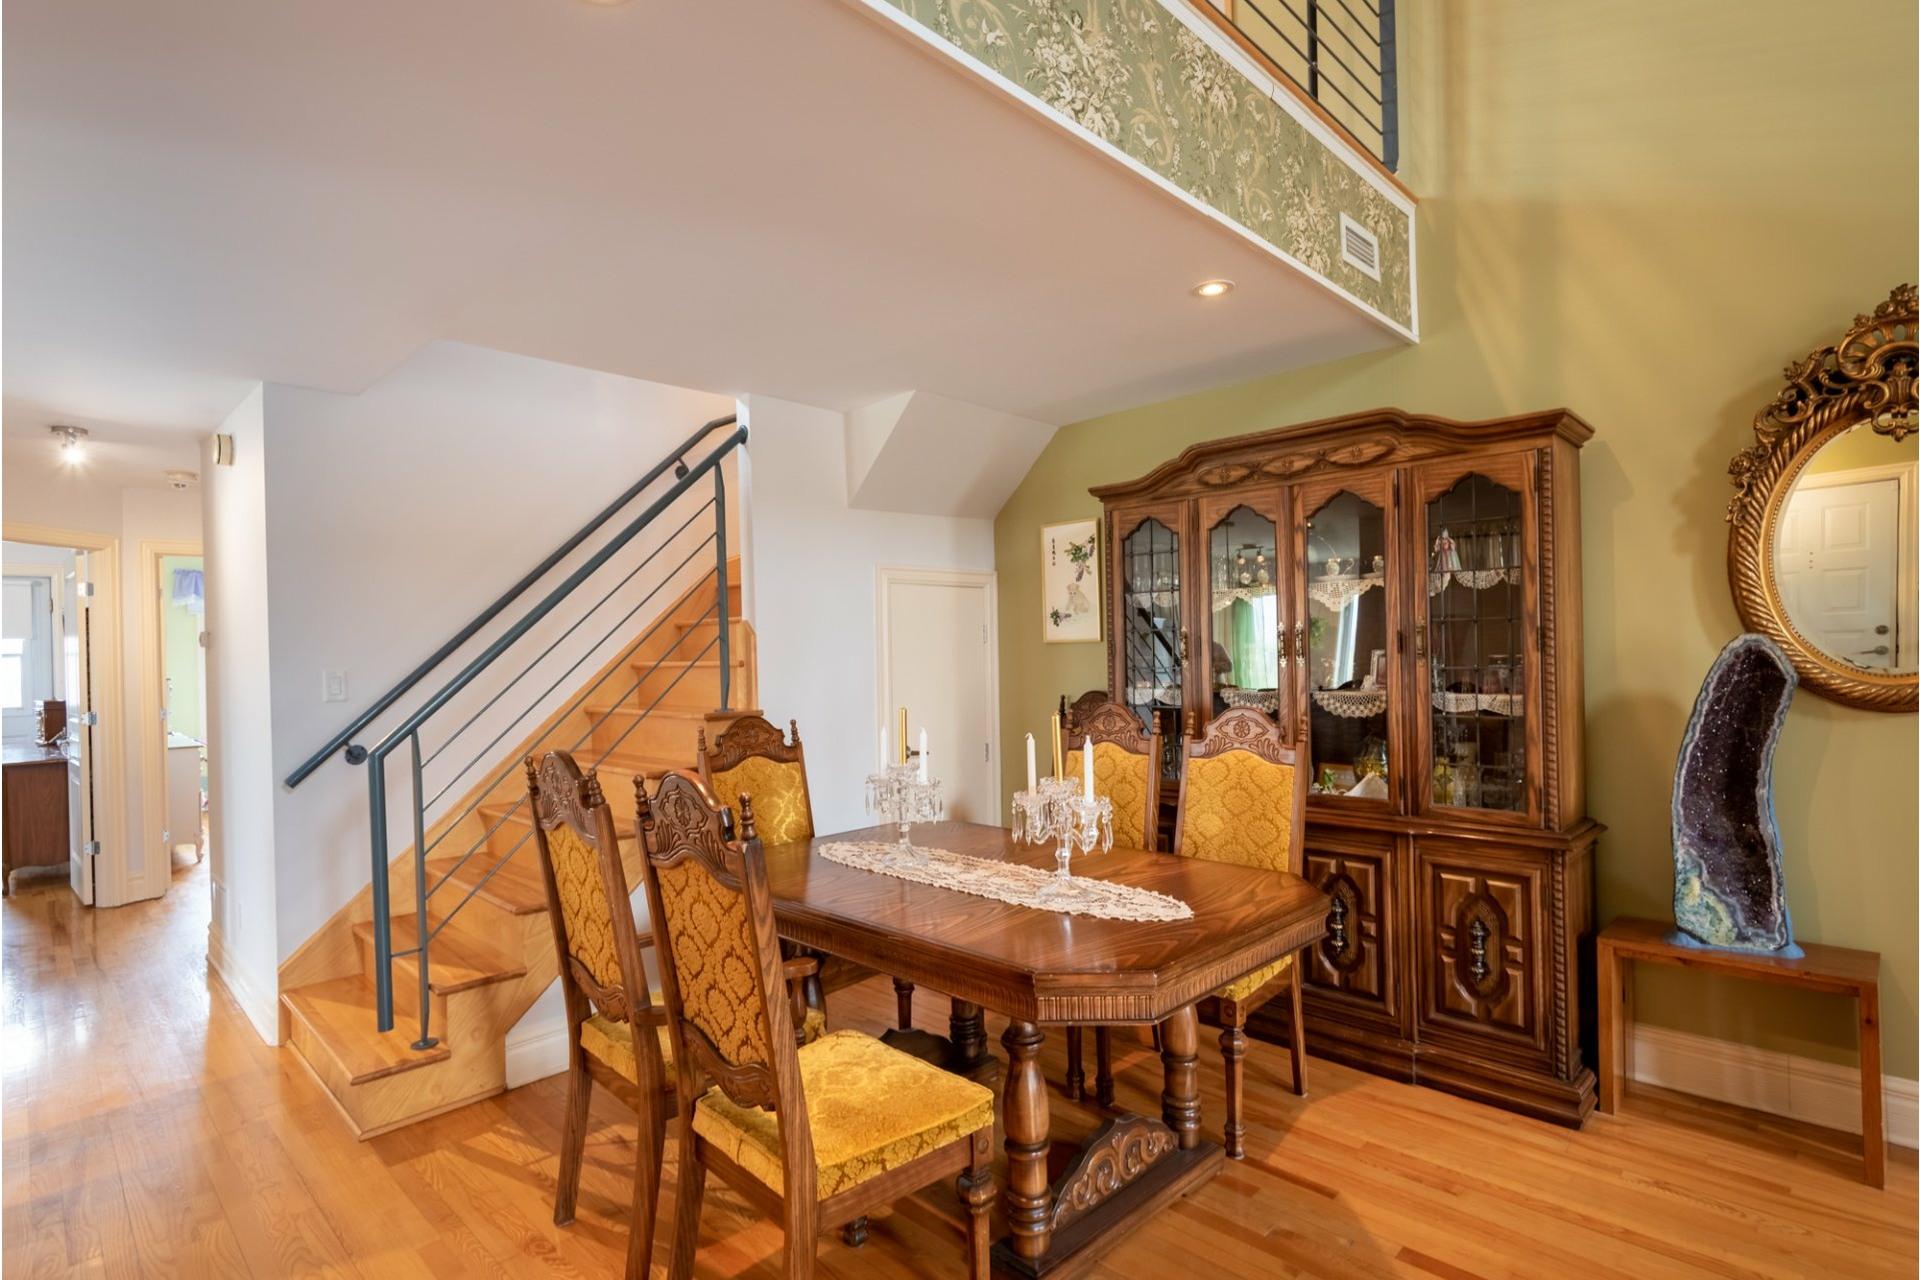 image 6 - Apartment For sale Le Plateau-Mont-Royal Montréal  - 7 rooms